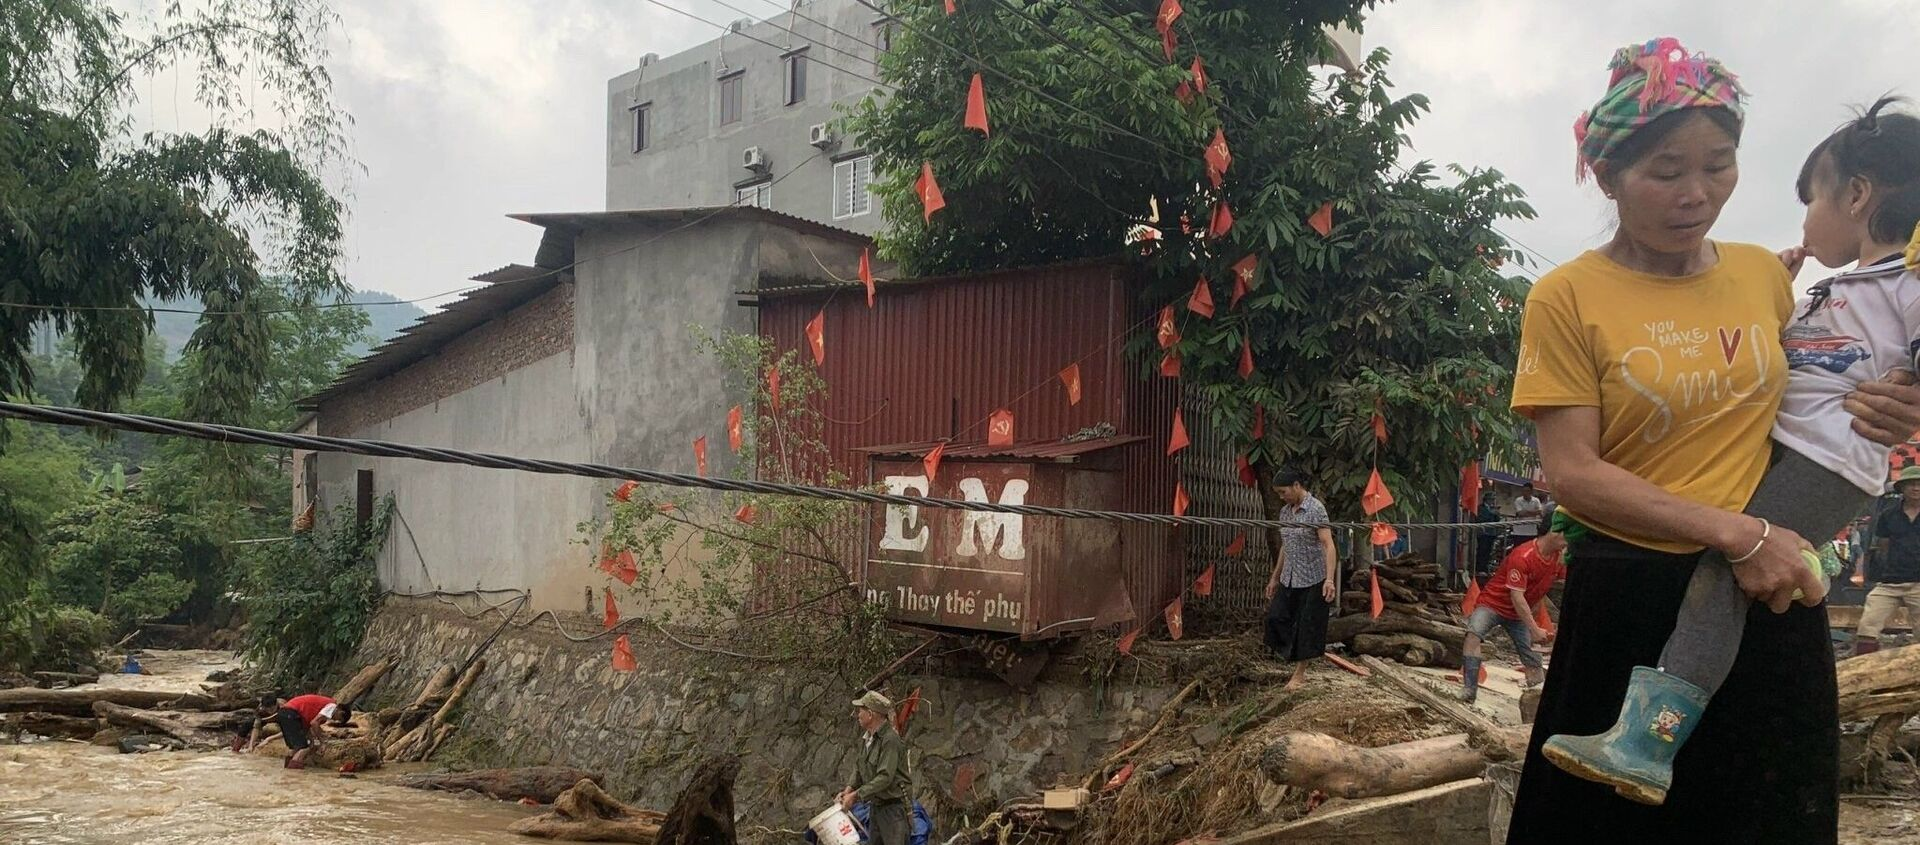 Mưa lũ gây nhiều thiệt hại tại Lào Cai. - Sputnik Việt Nam, 1920, 24.05.2021